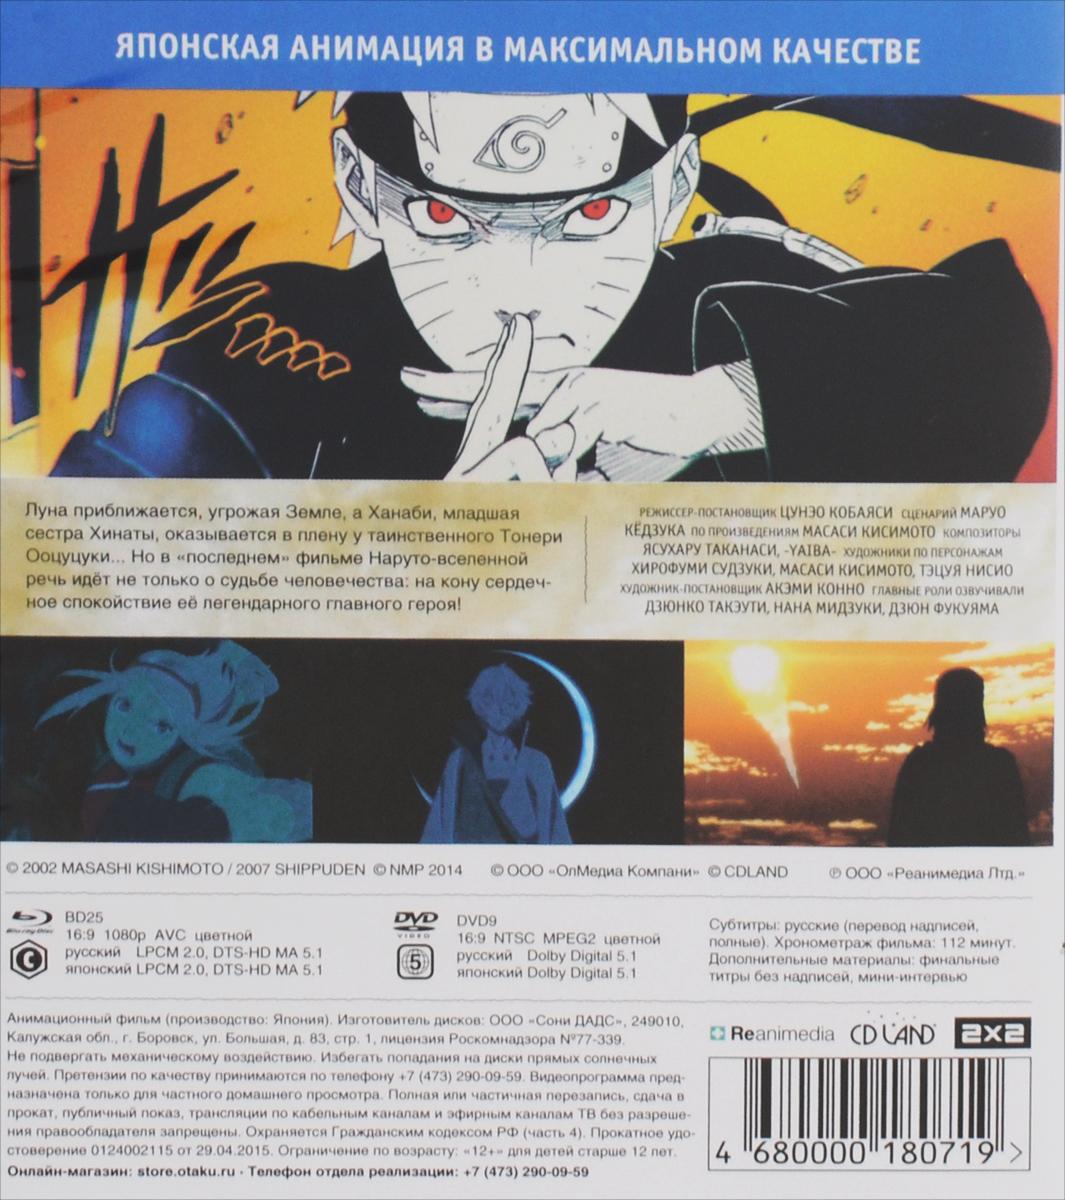 Наруто:  Последний фильм (Blu-ray + DVD) CD Land